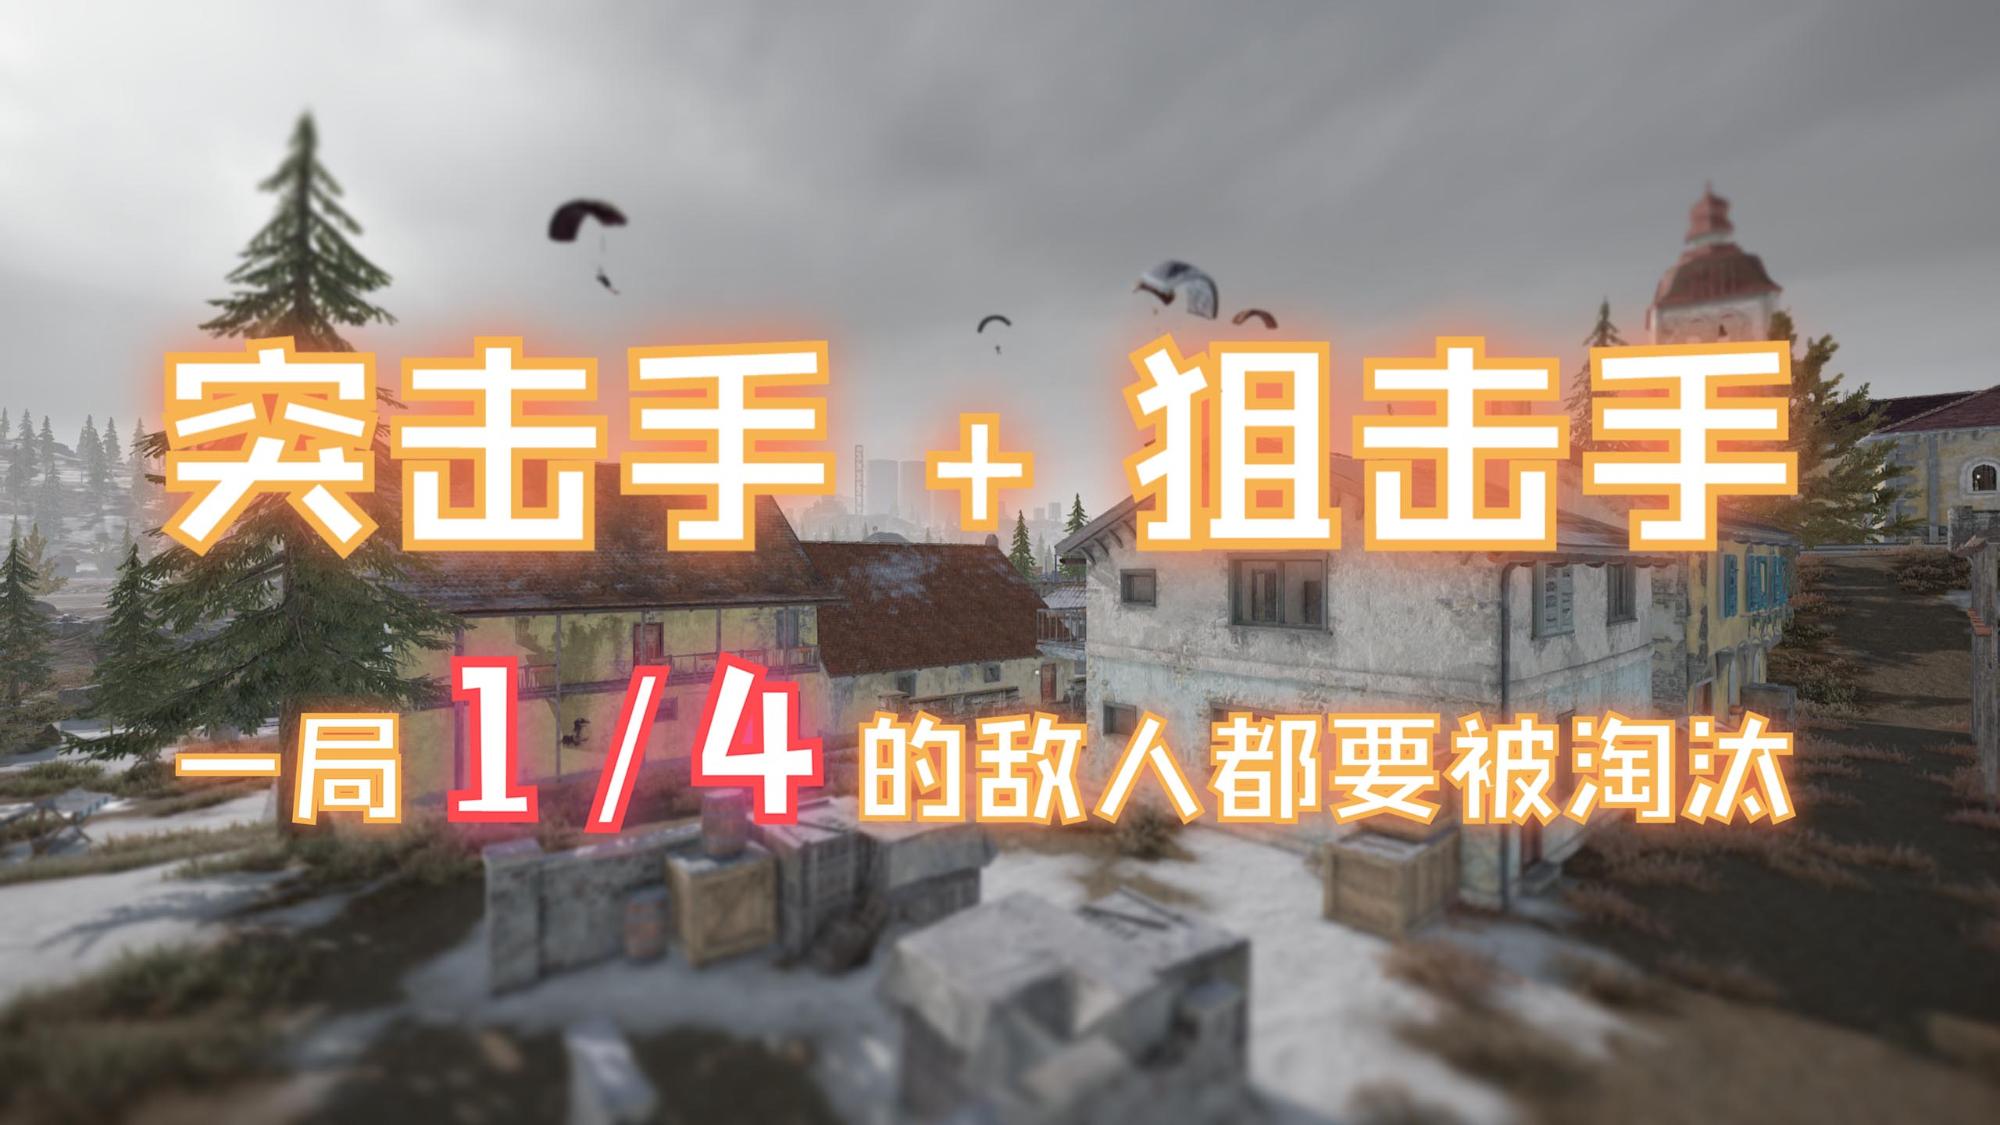 【云吃鸡】突击手+狙击手 ,一局1/4的敌人都要被淘汰